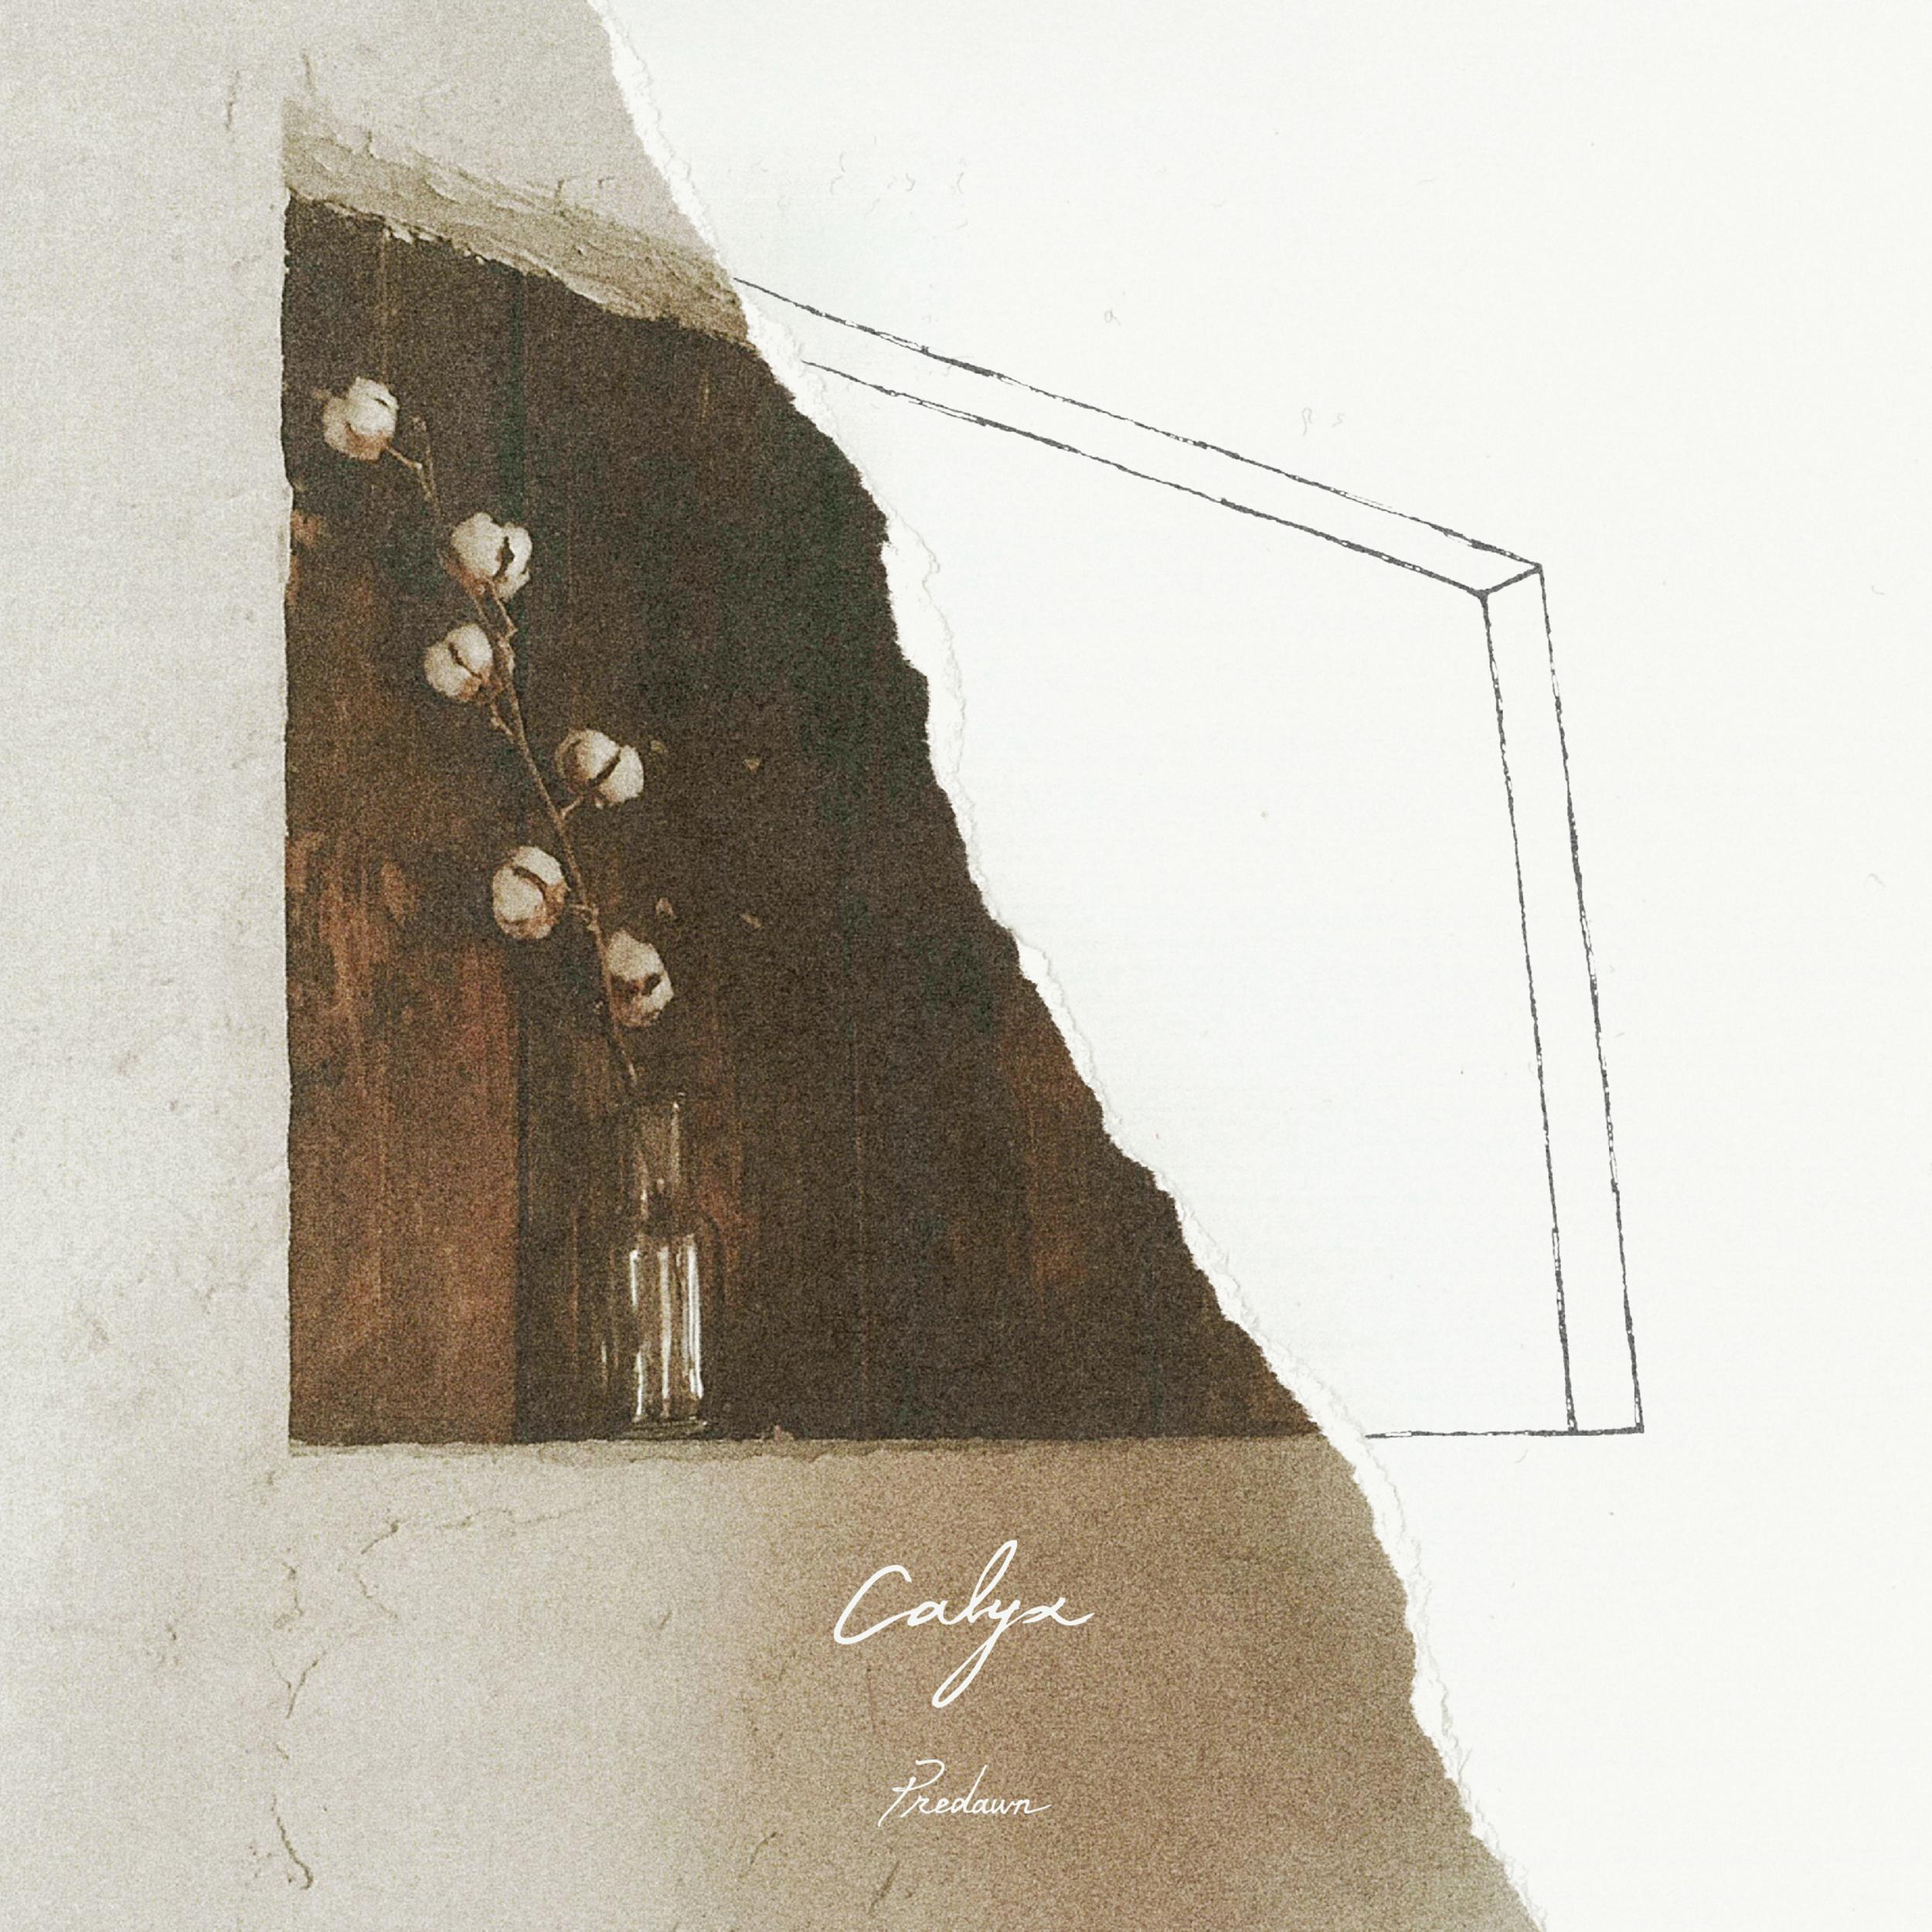 『Calyx EP』一部店舗販売およびサブスク解禁決定